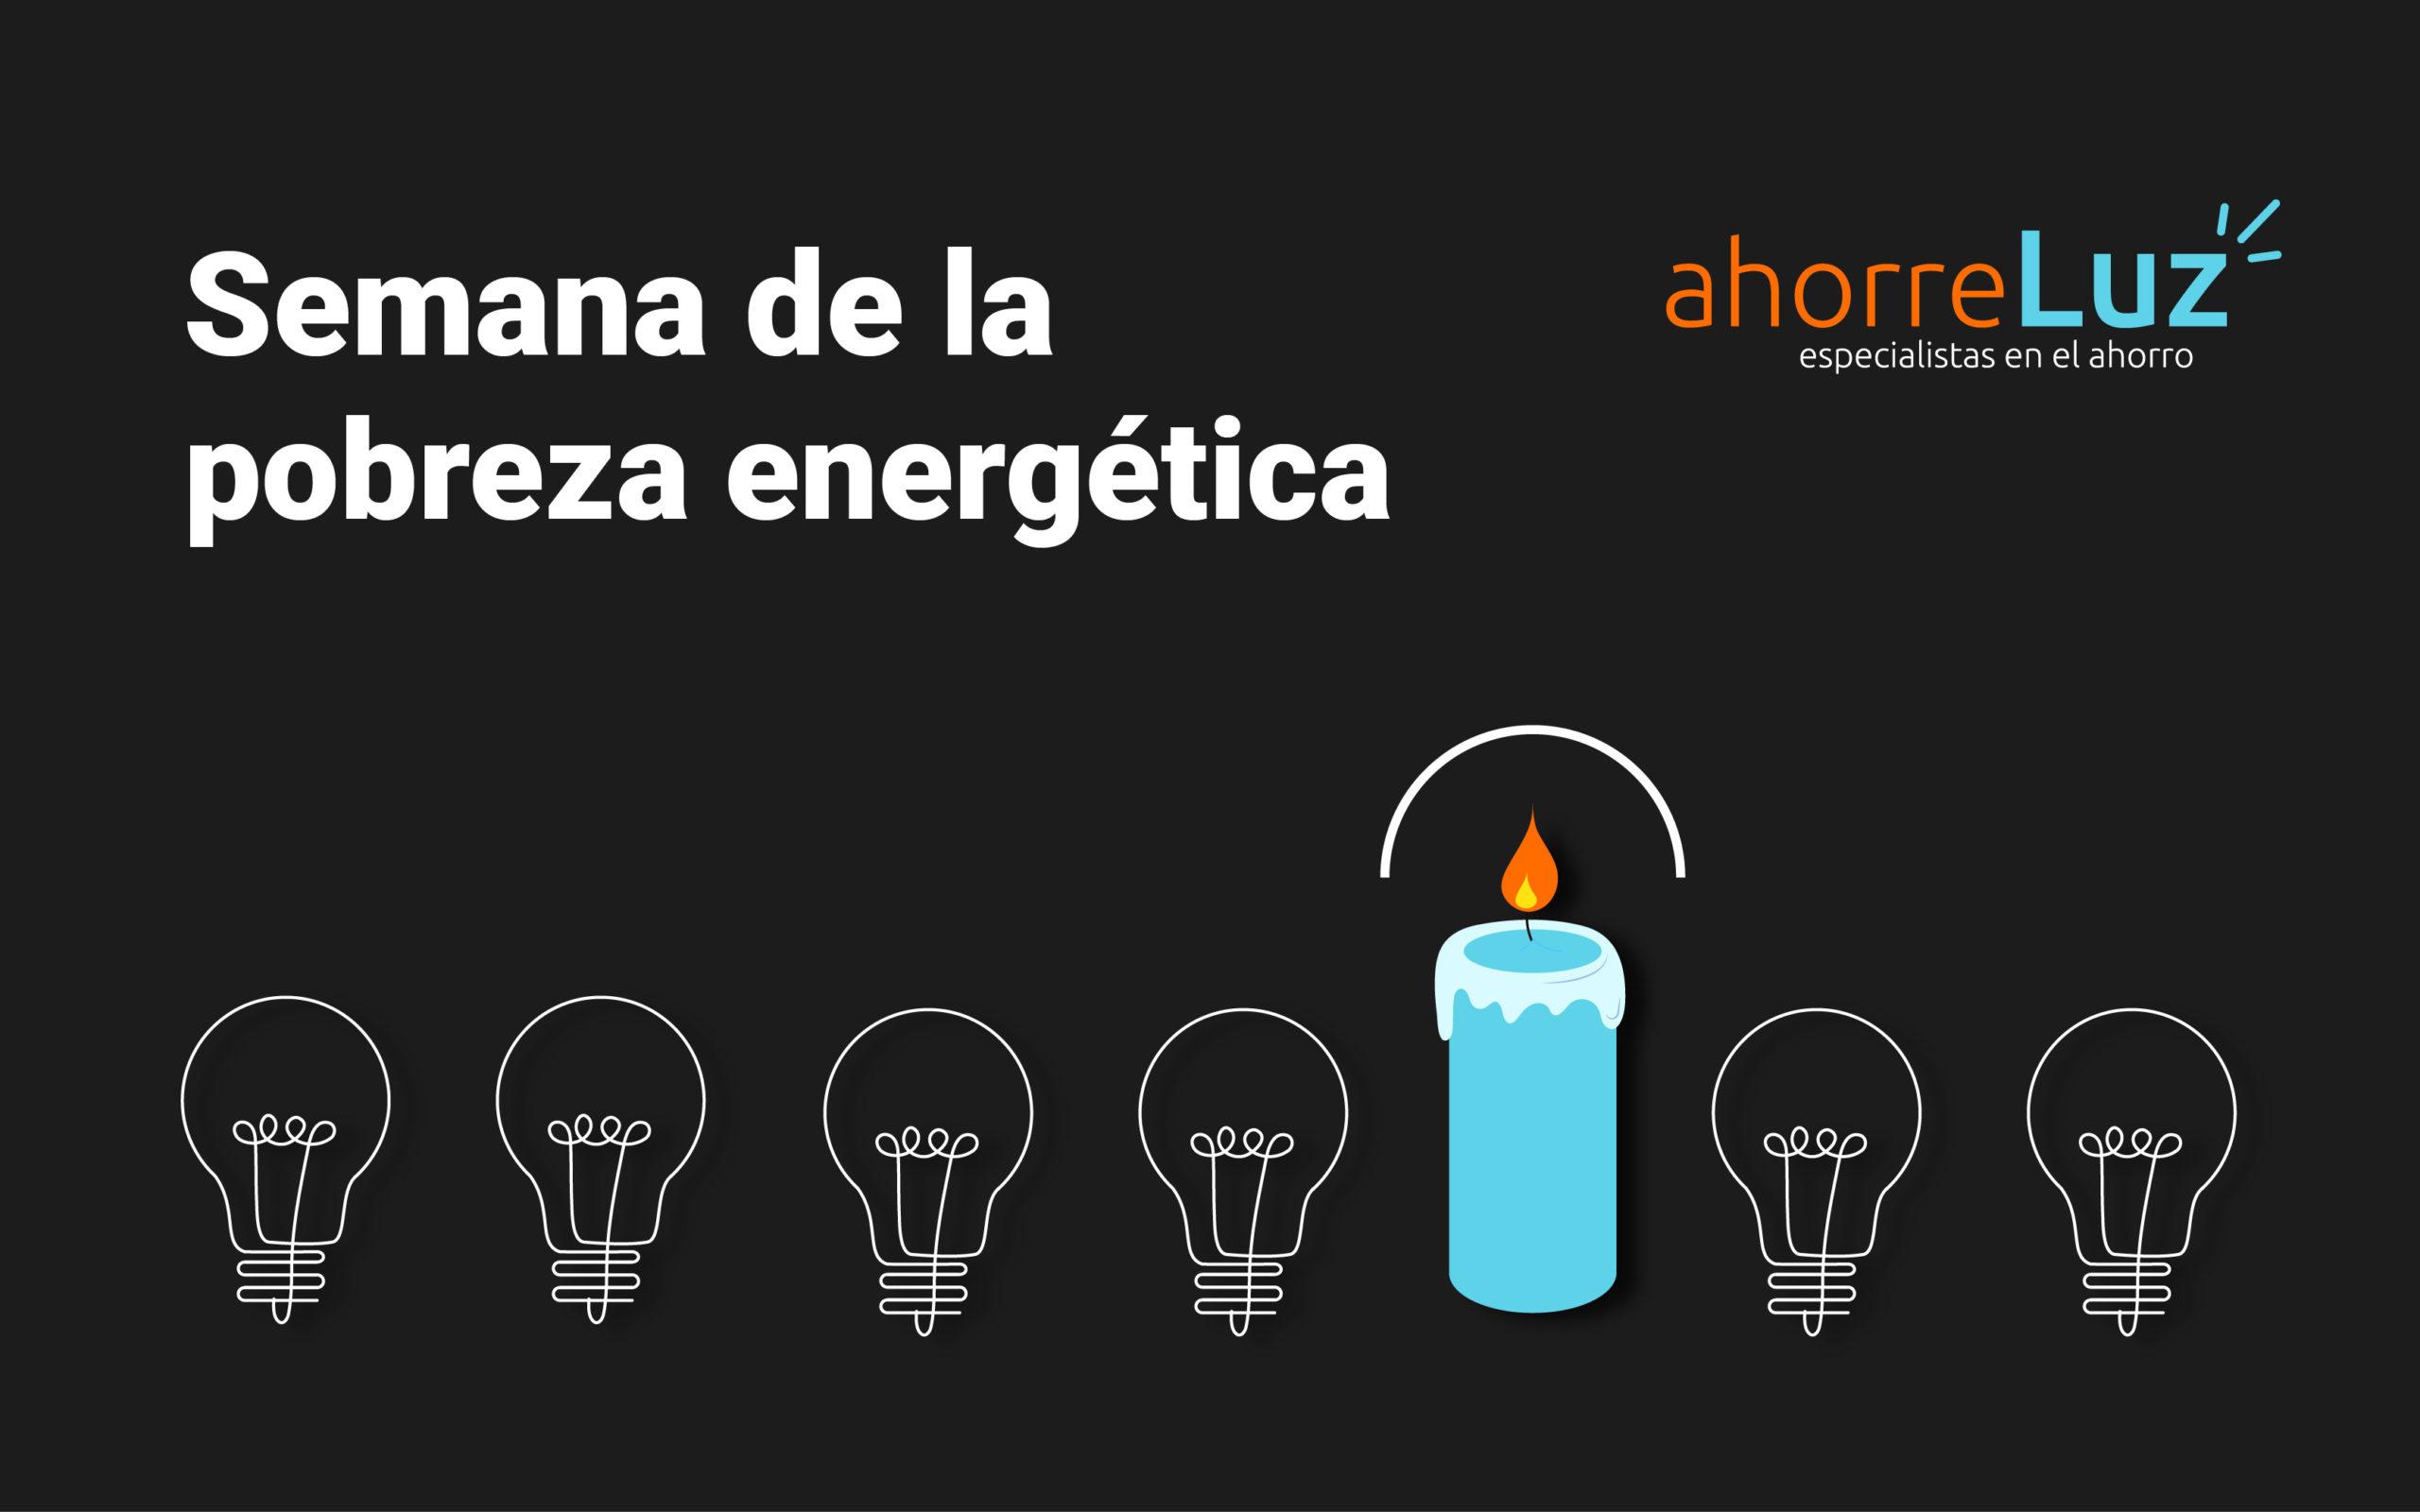 Radiografia de la pobreza energetica en Espana